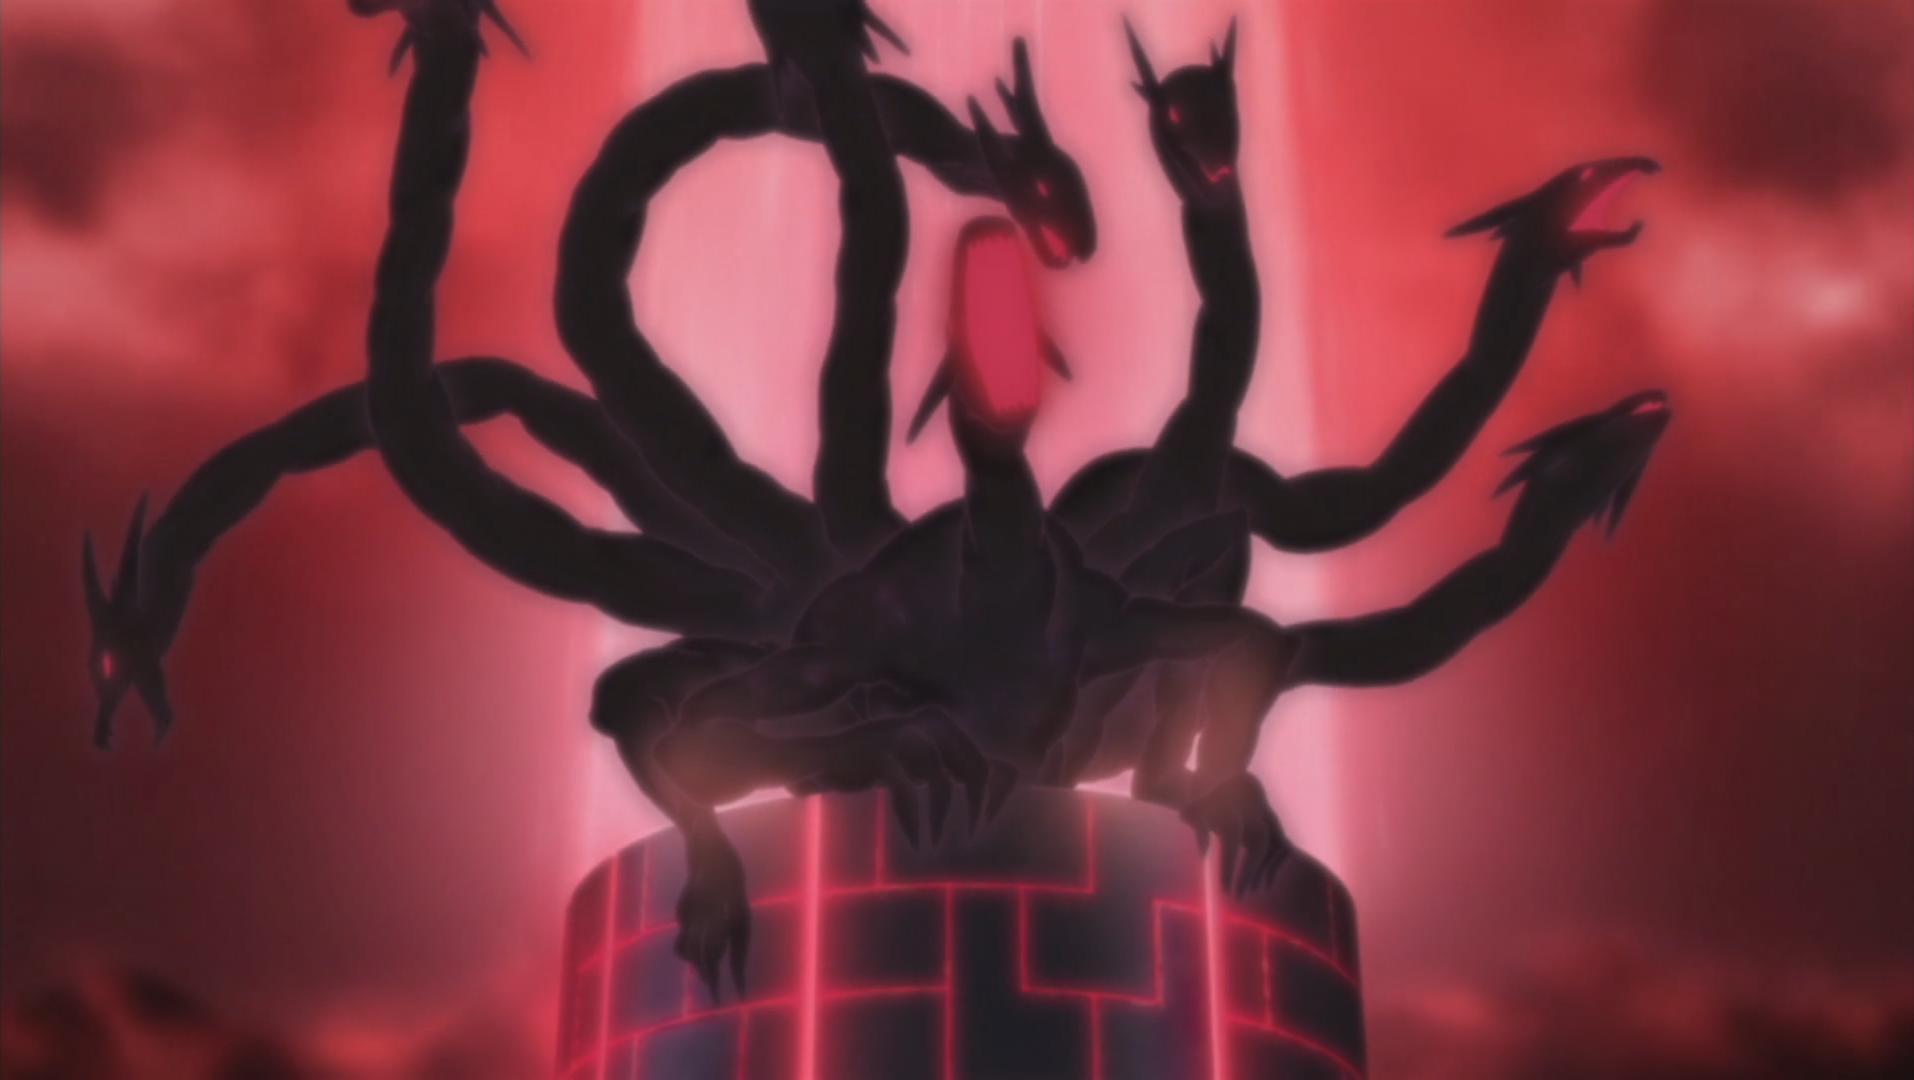 Naruto Shippuden Chikara Episode 5 Tv Episode 2012 Imdb